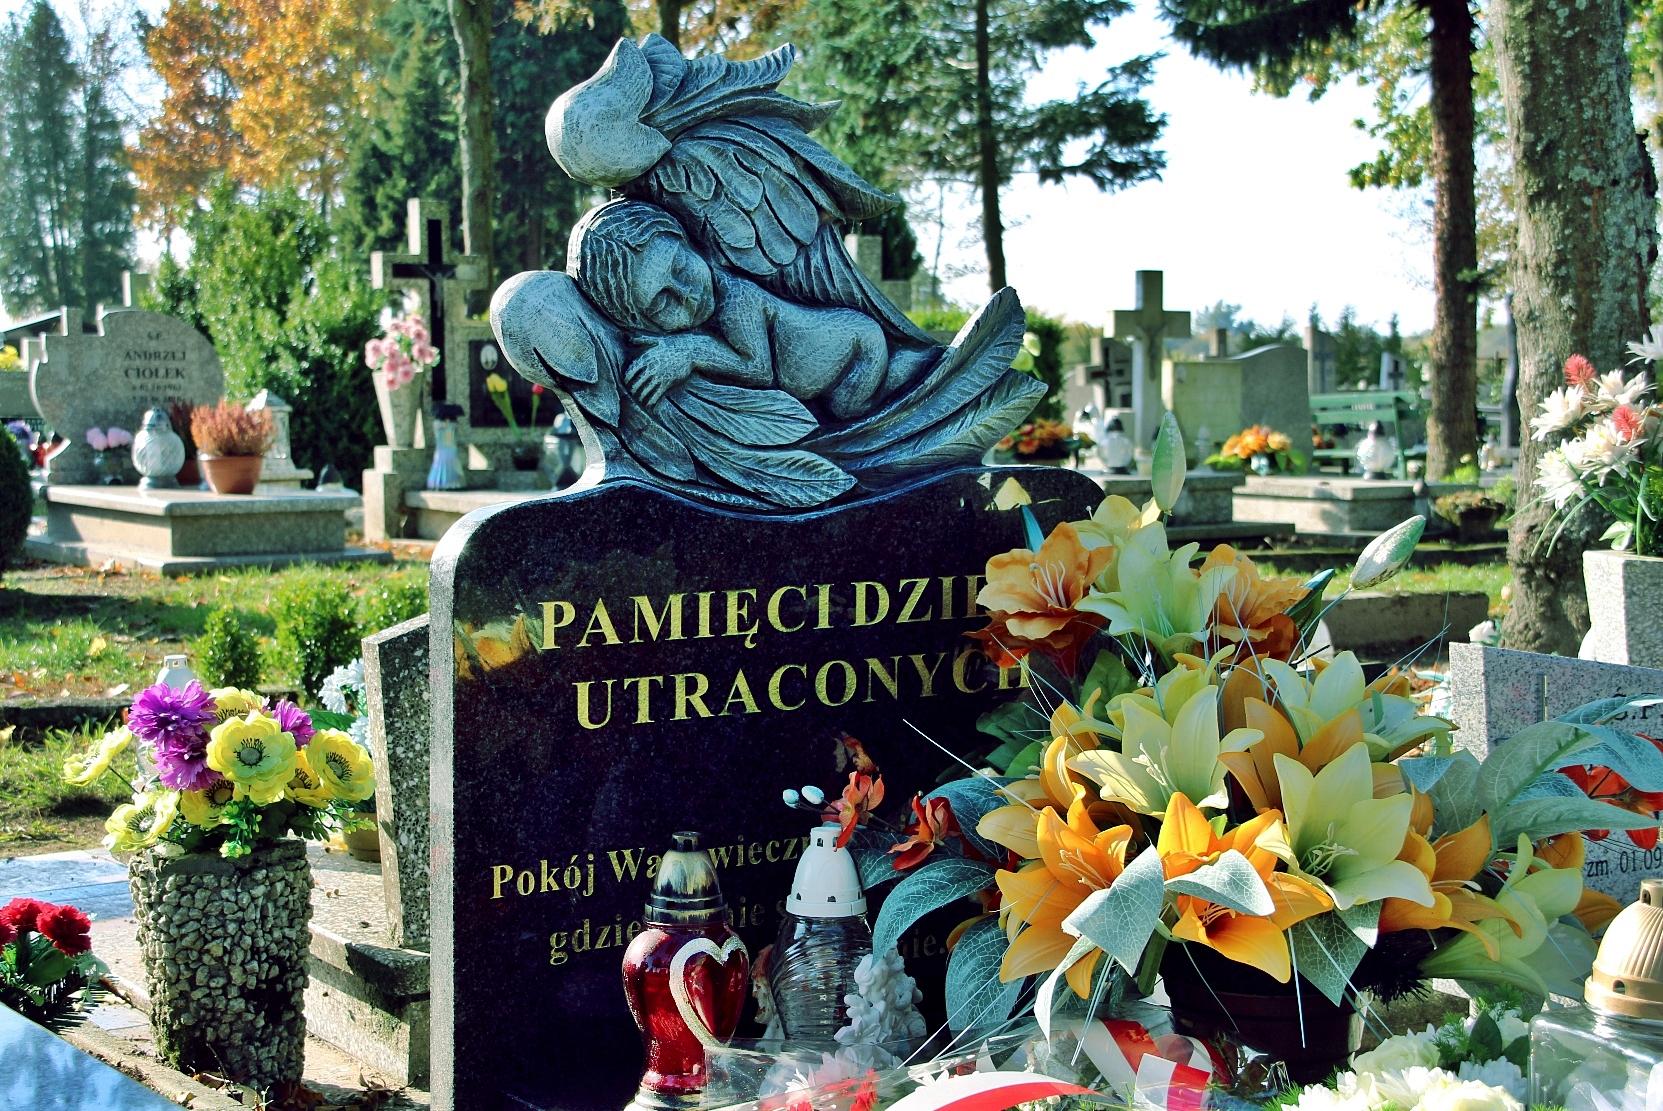 Dzień Dzieci Utraconych, Miasto Białogard